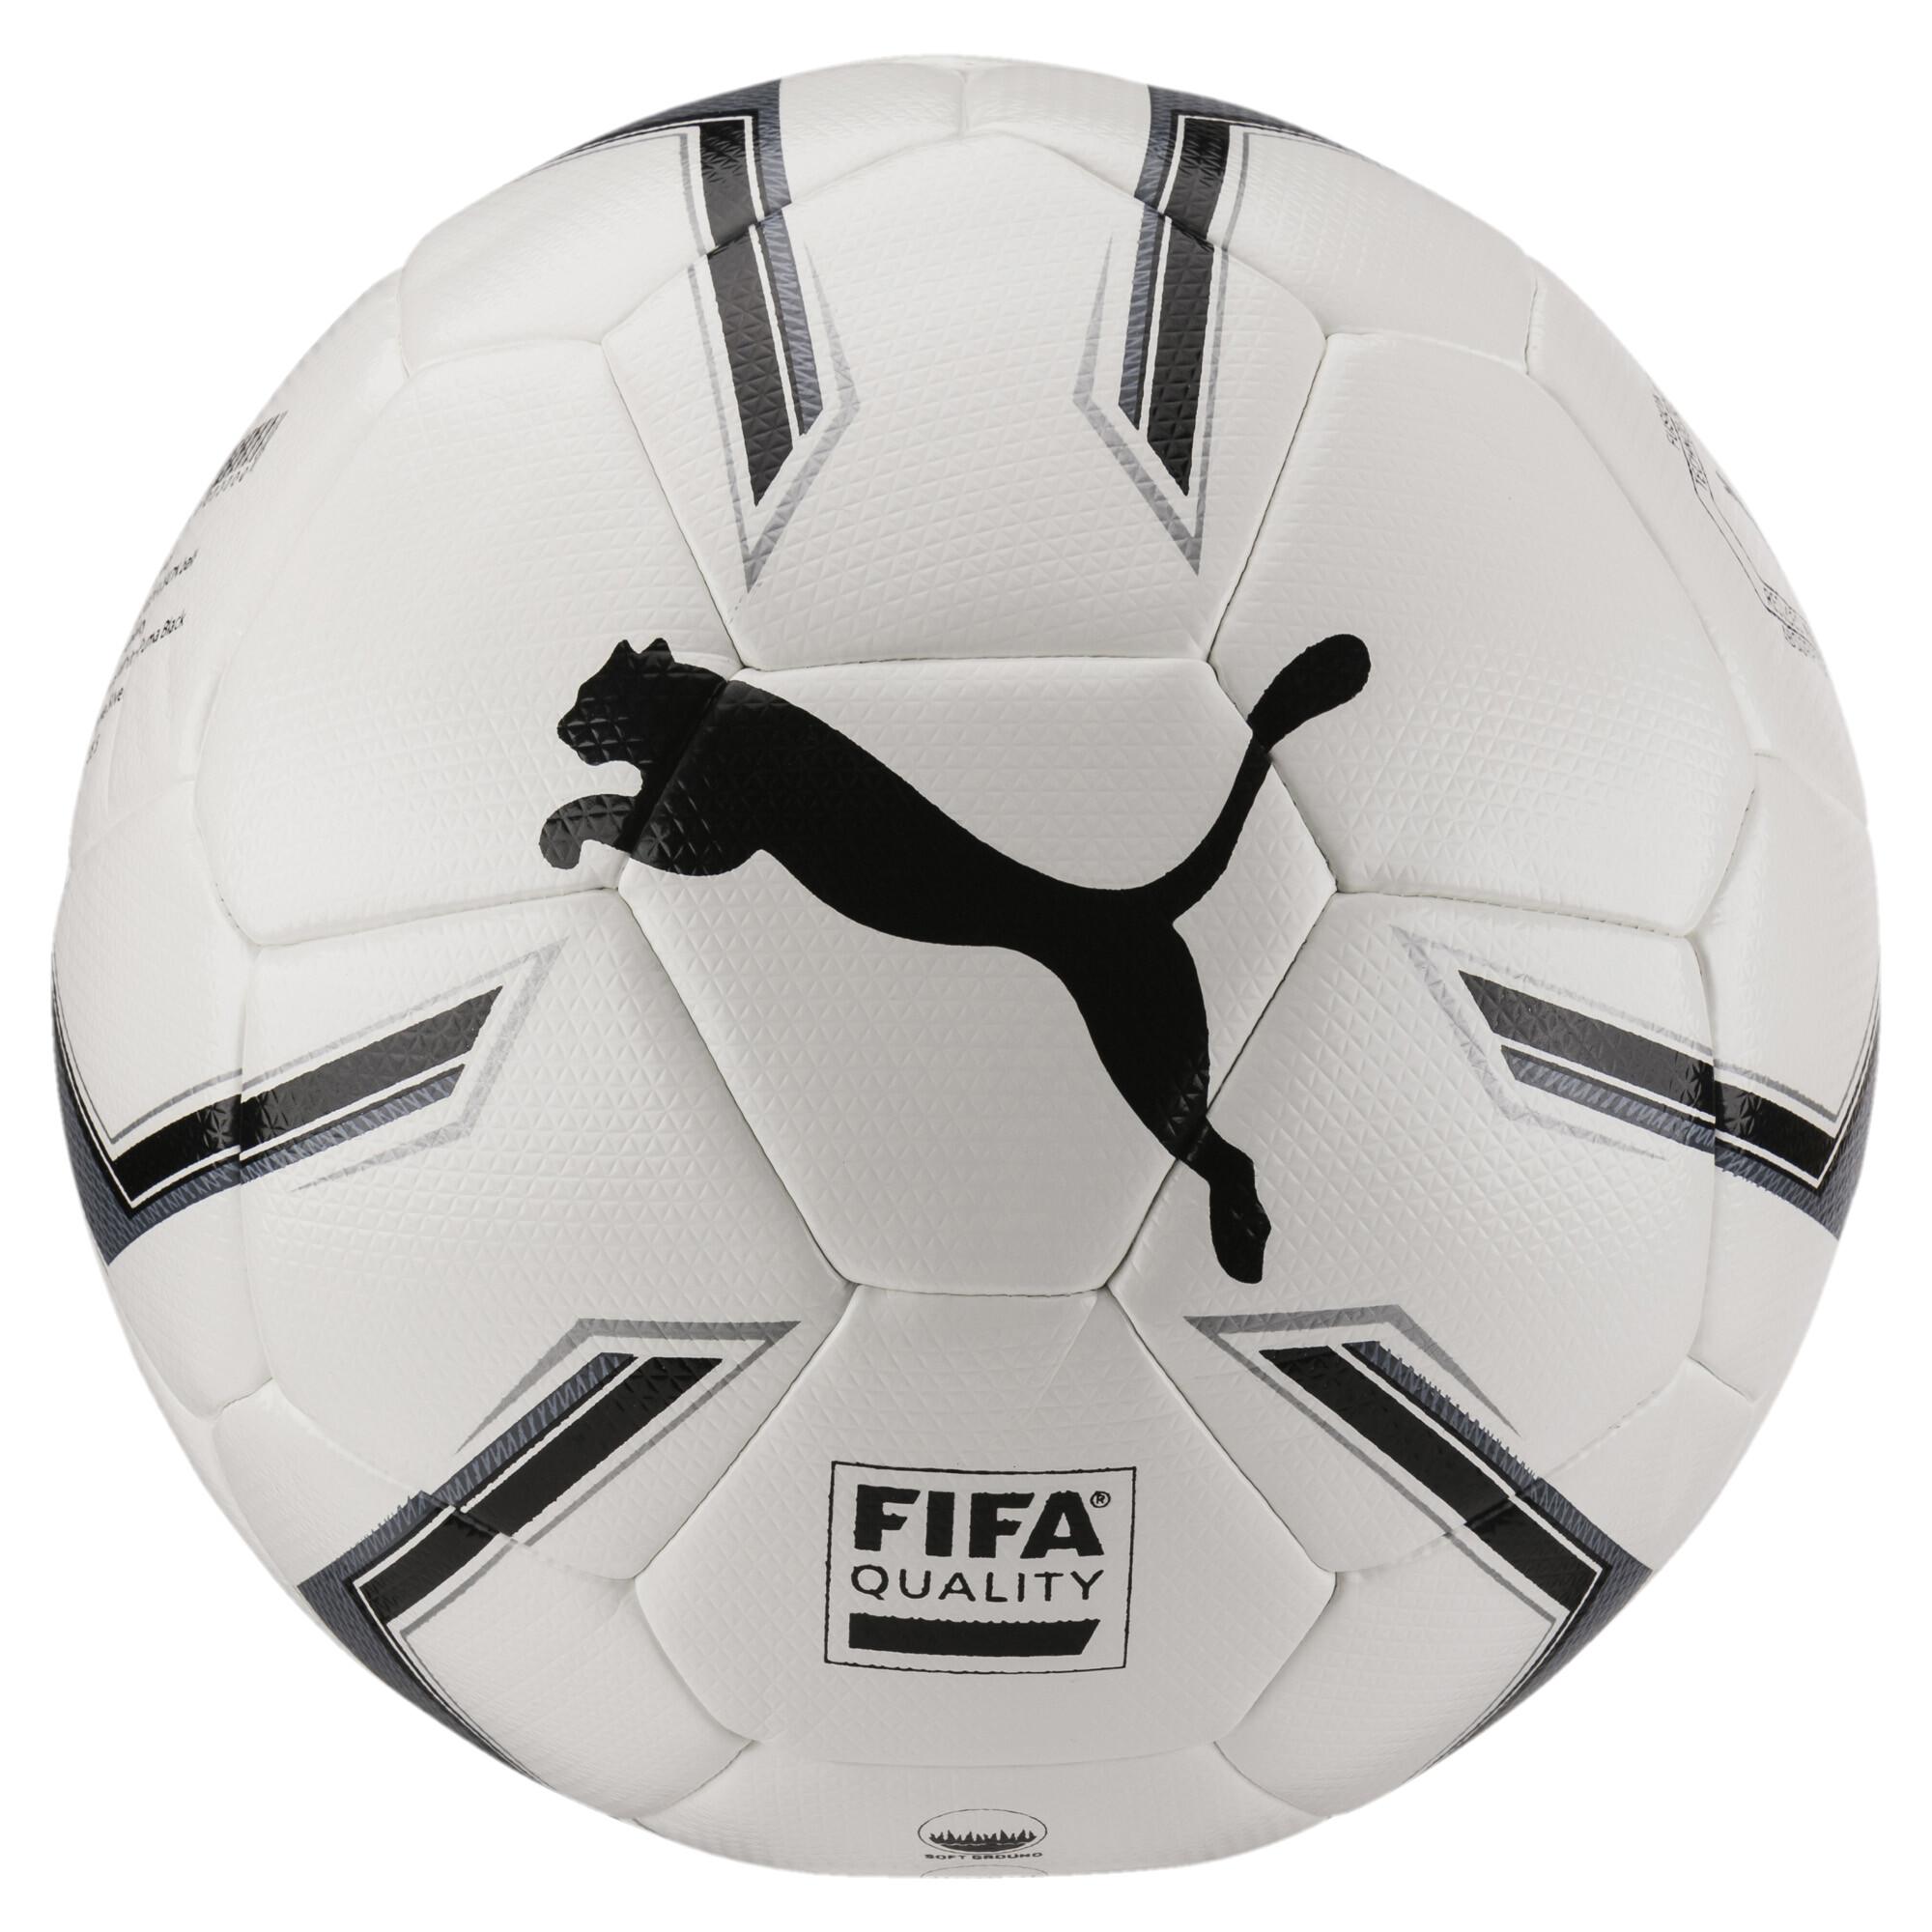 【プーマ公式通販】 プーマエリート 2.2 HYB (FIFA QUALITY) ボール J メンズ White-Black-Silver  PUMA.com